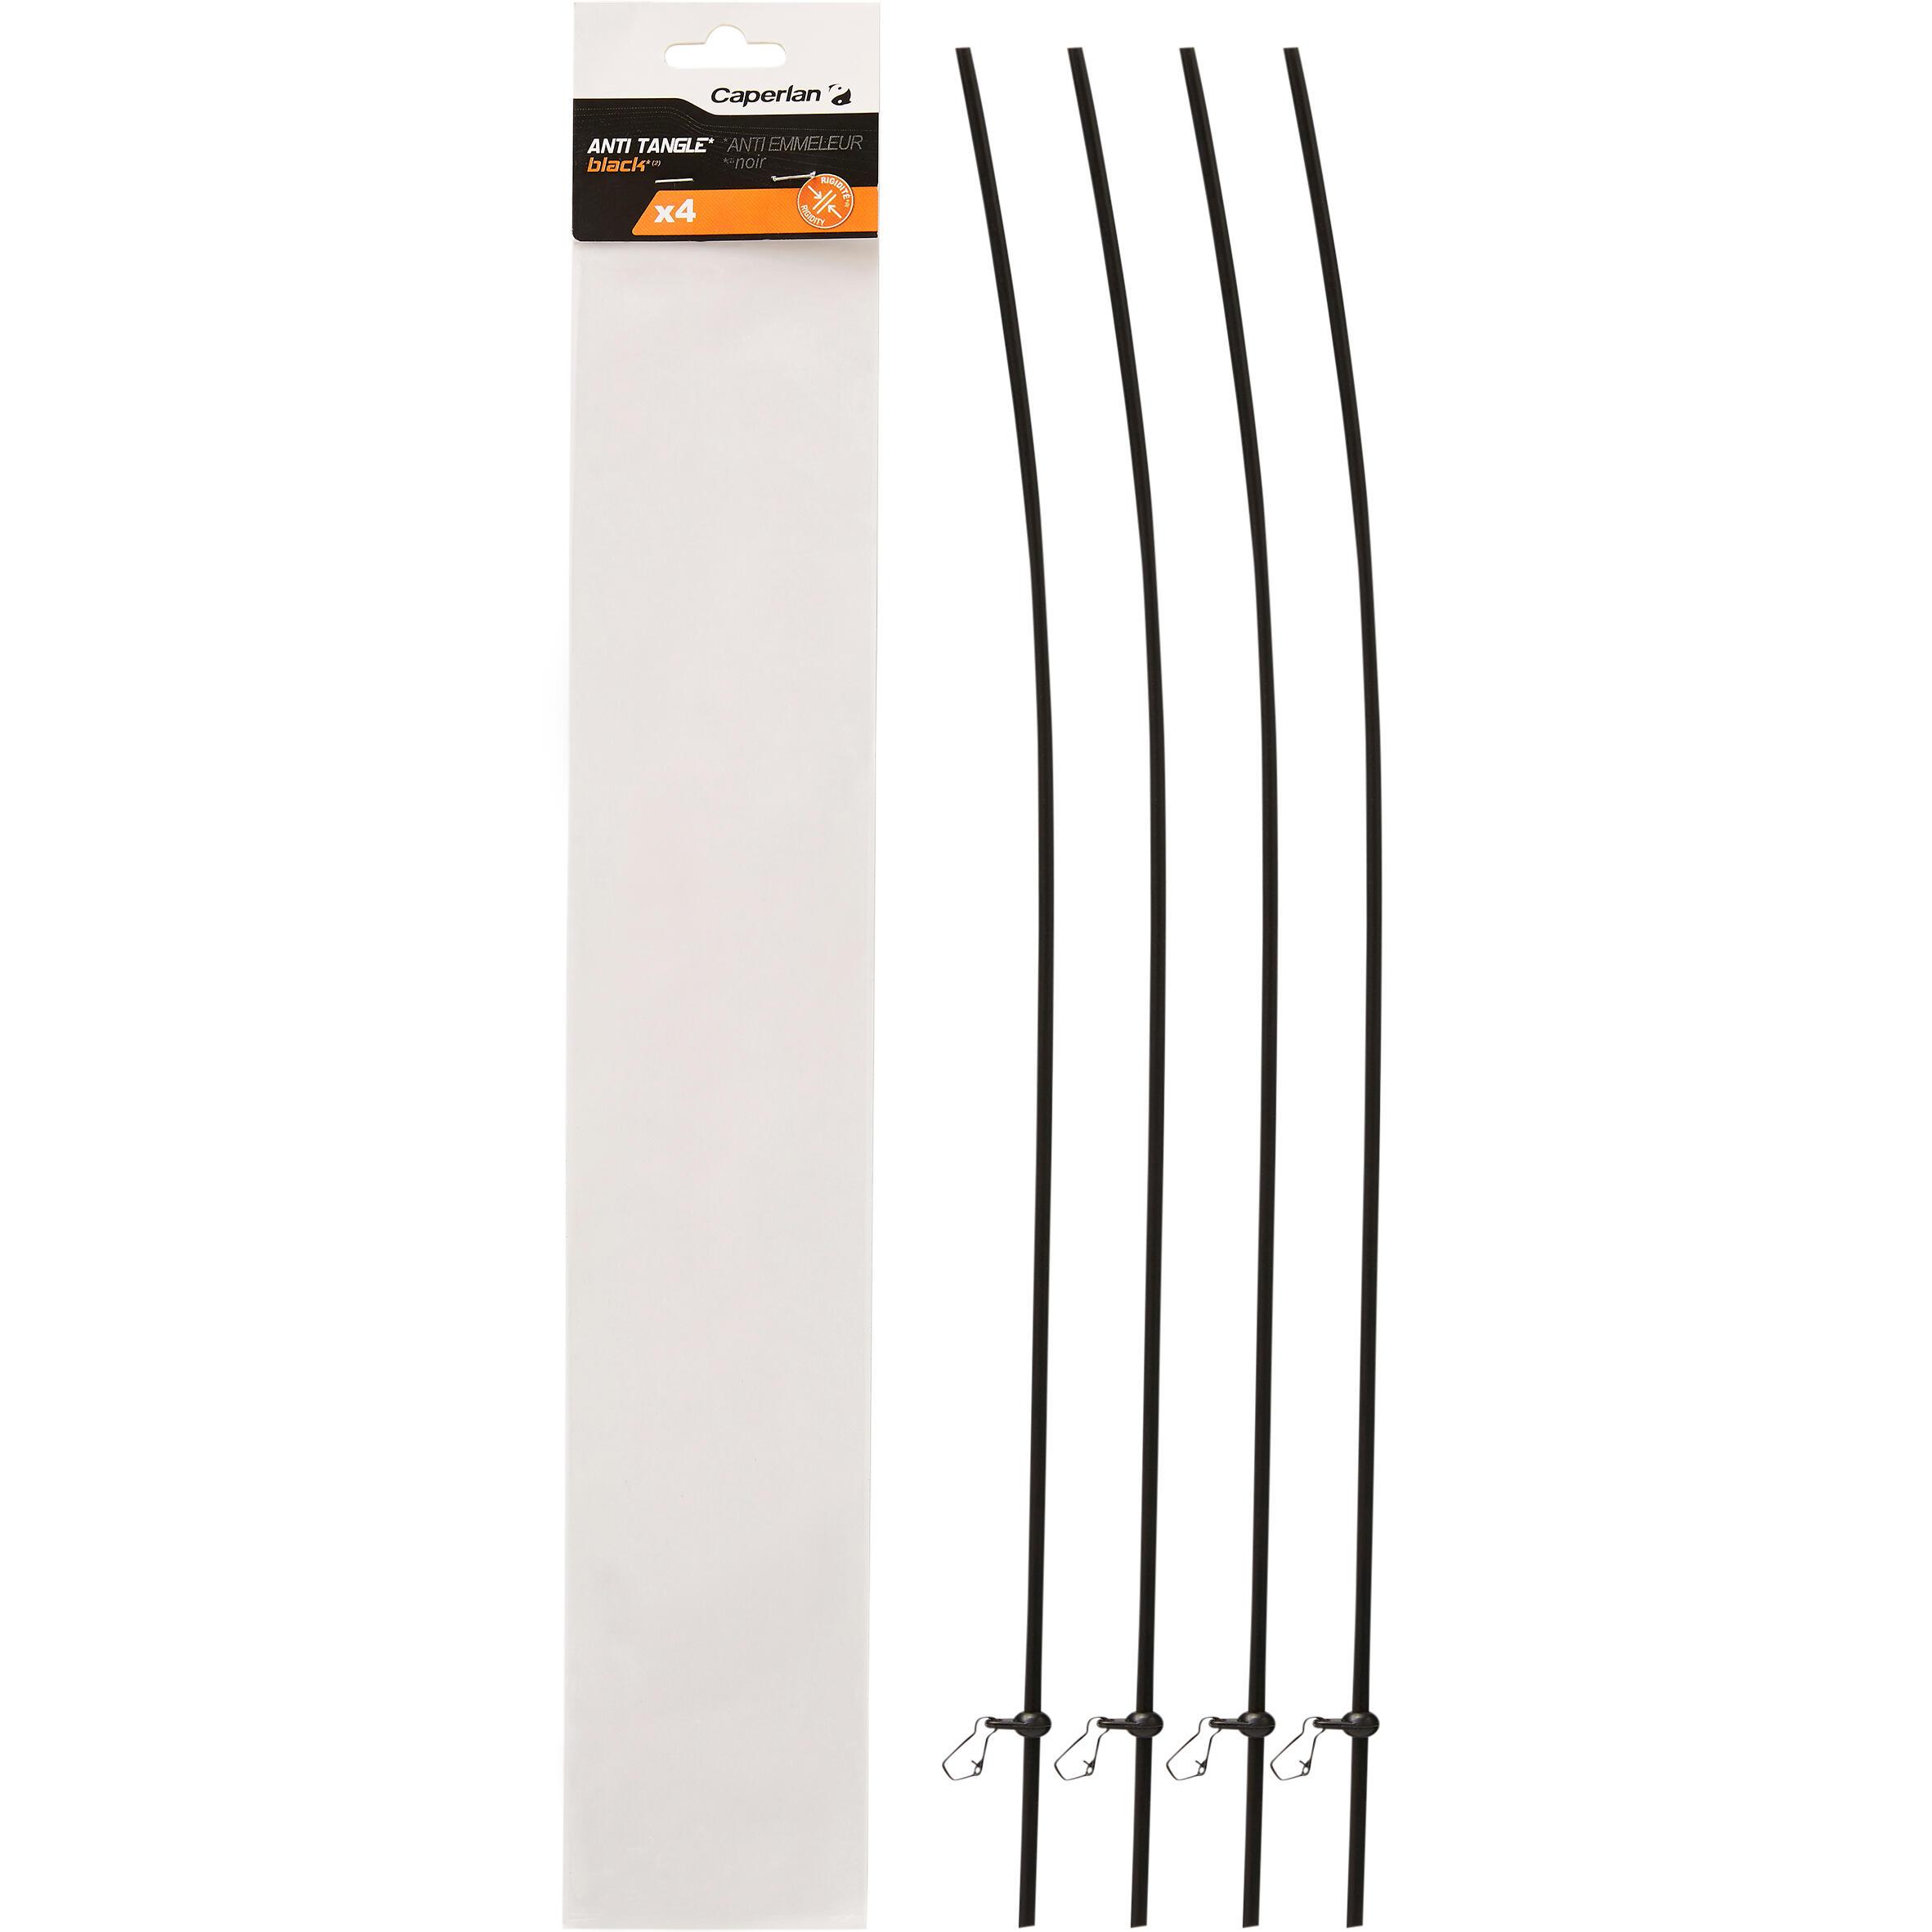 Caperlan Accessoire voor karpervissen anti-tangle zwart 40 cm kopen